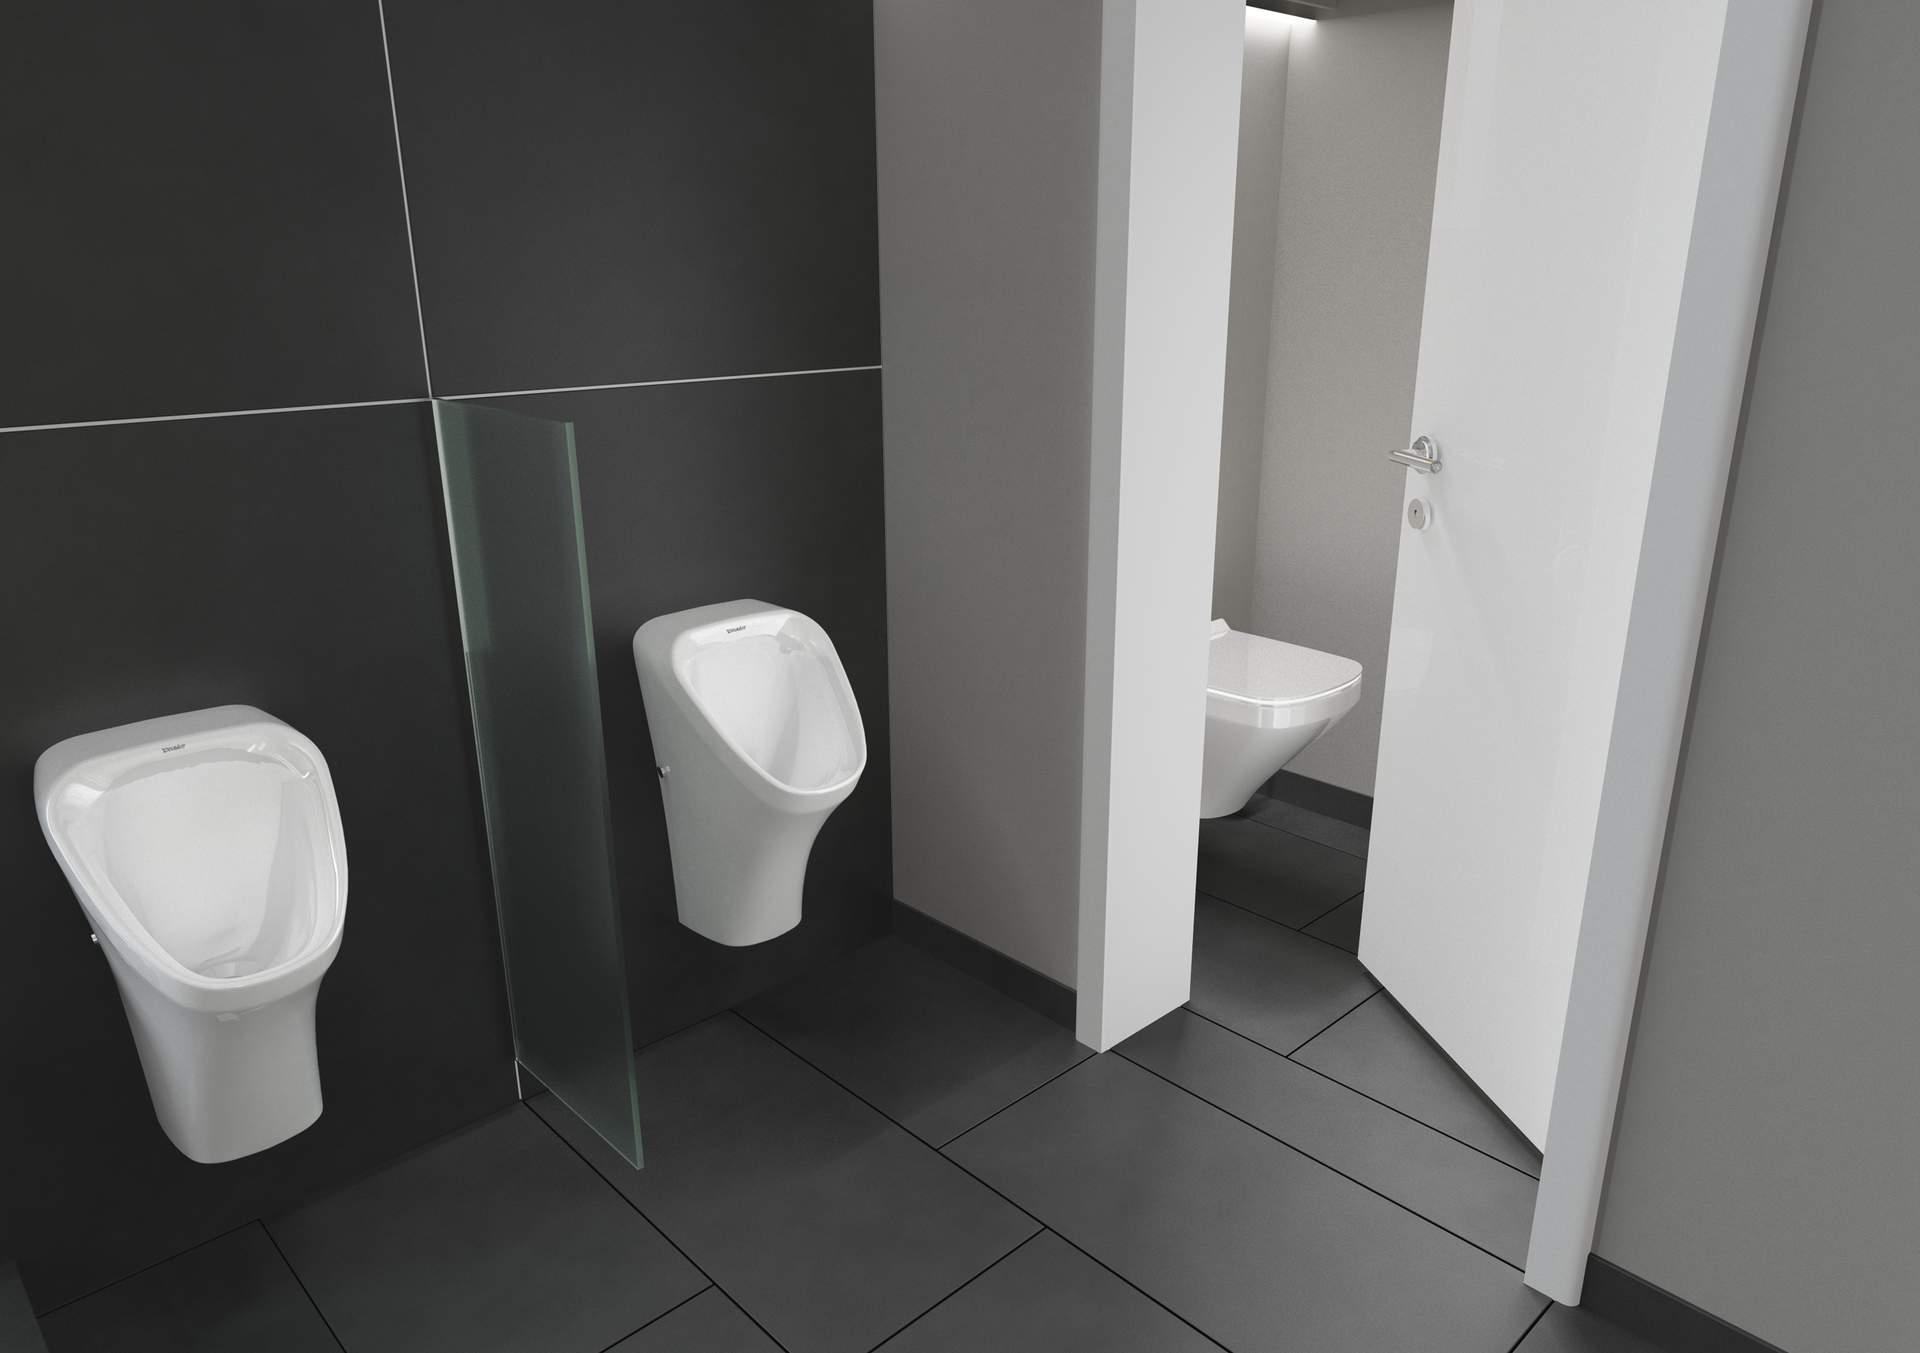 Salle De Bain Urinoir ~ durastyle urinoir durastyle dry 280830 duravit